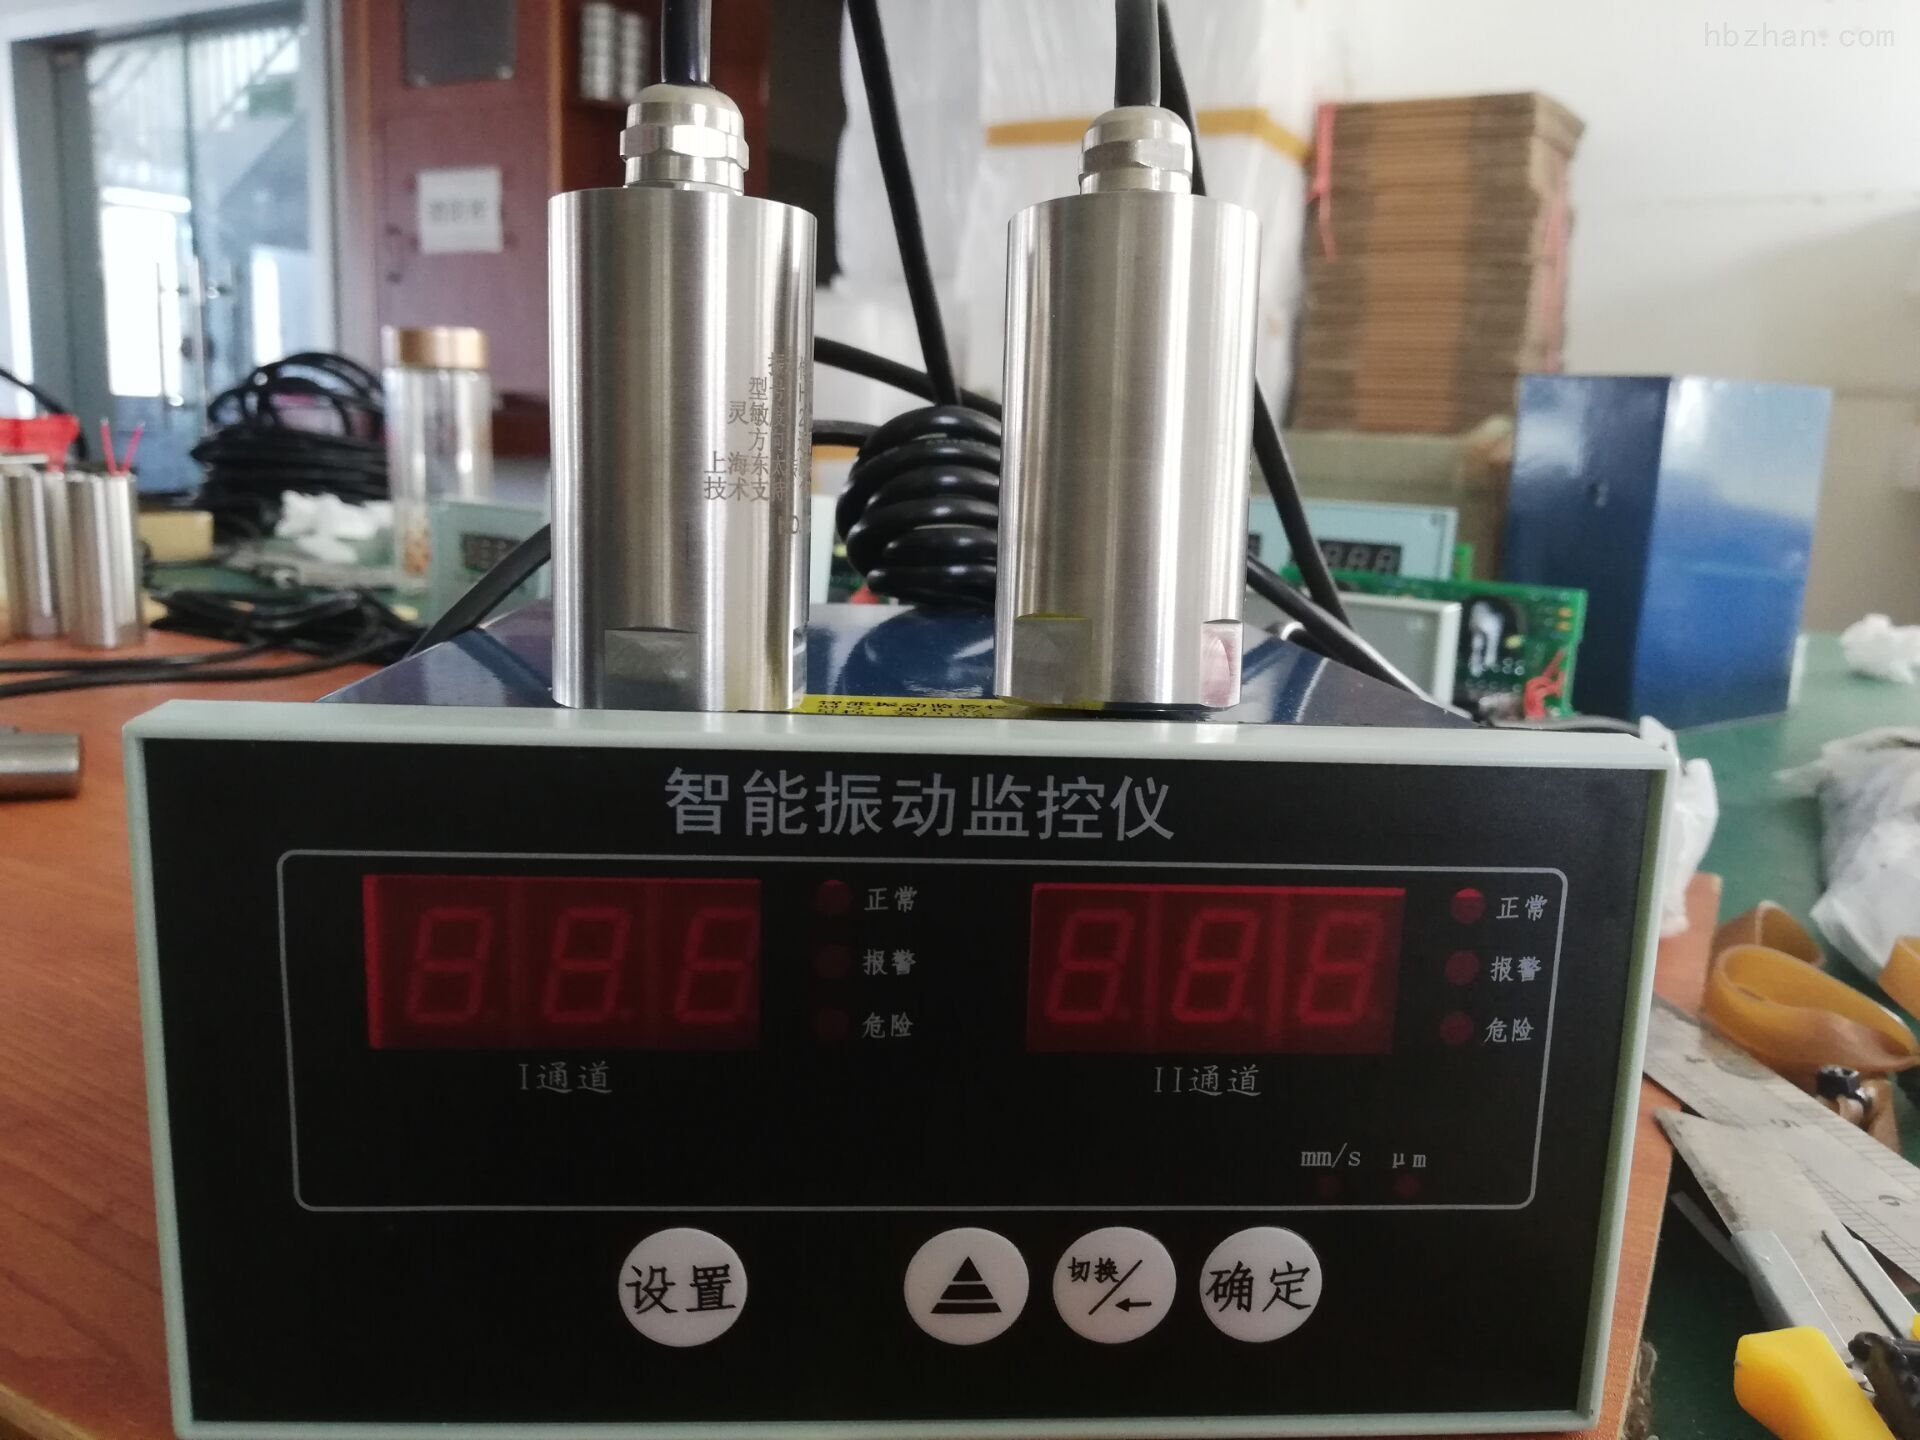 转速/撞击子监视仪 XJZC-03A/Q-WY